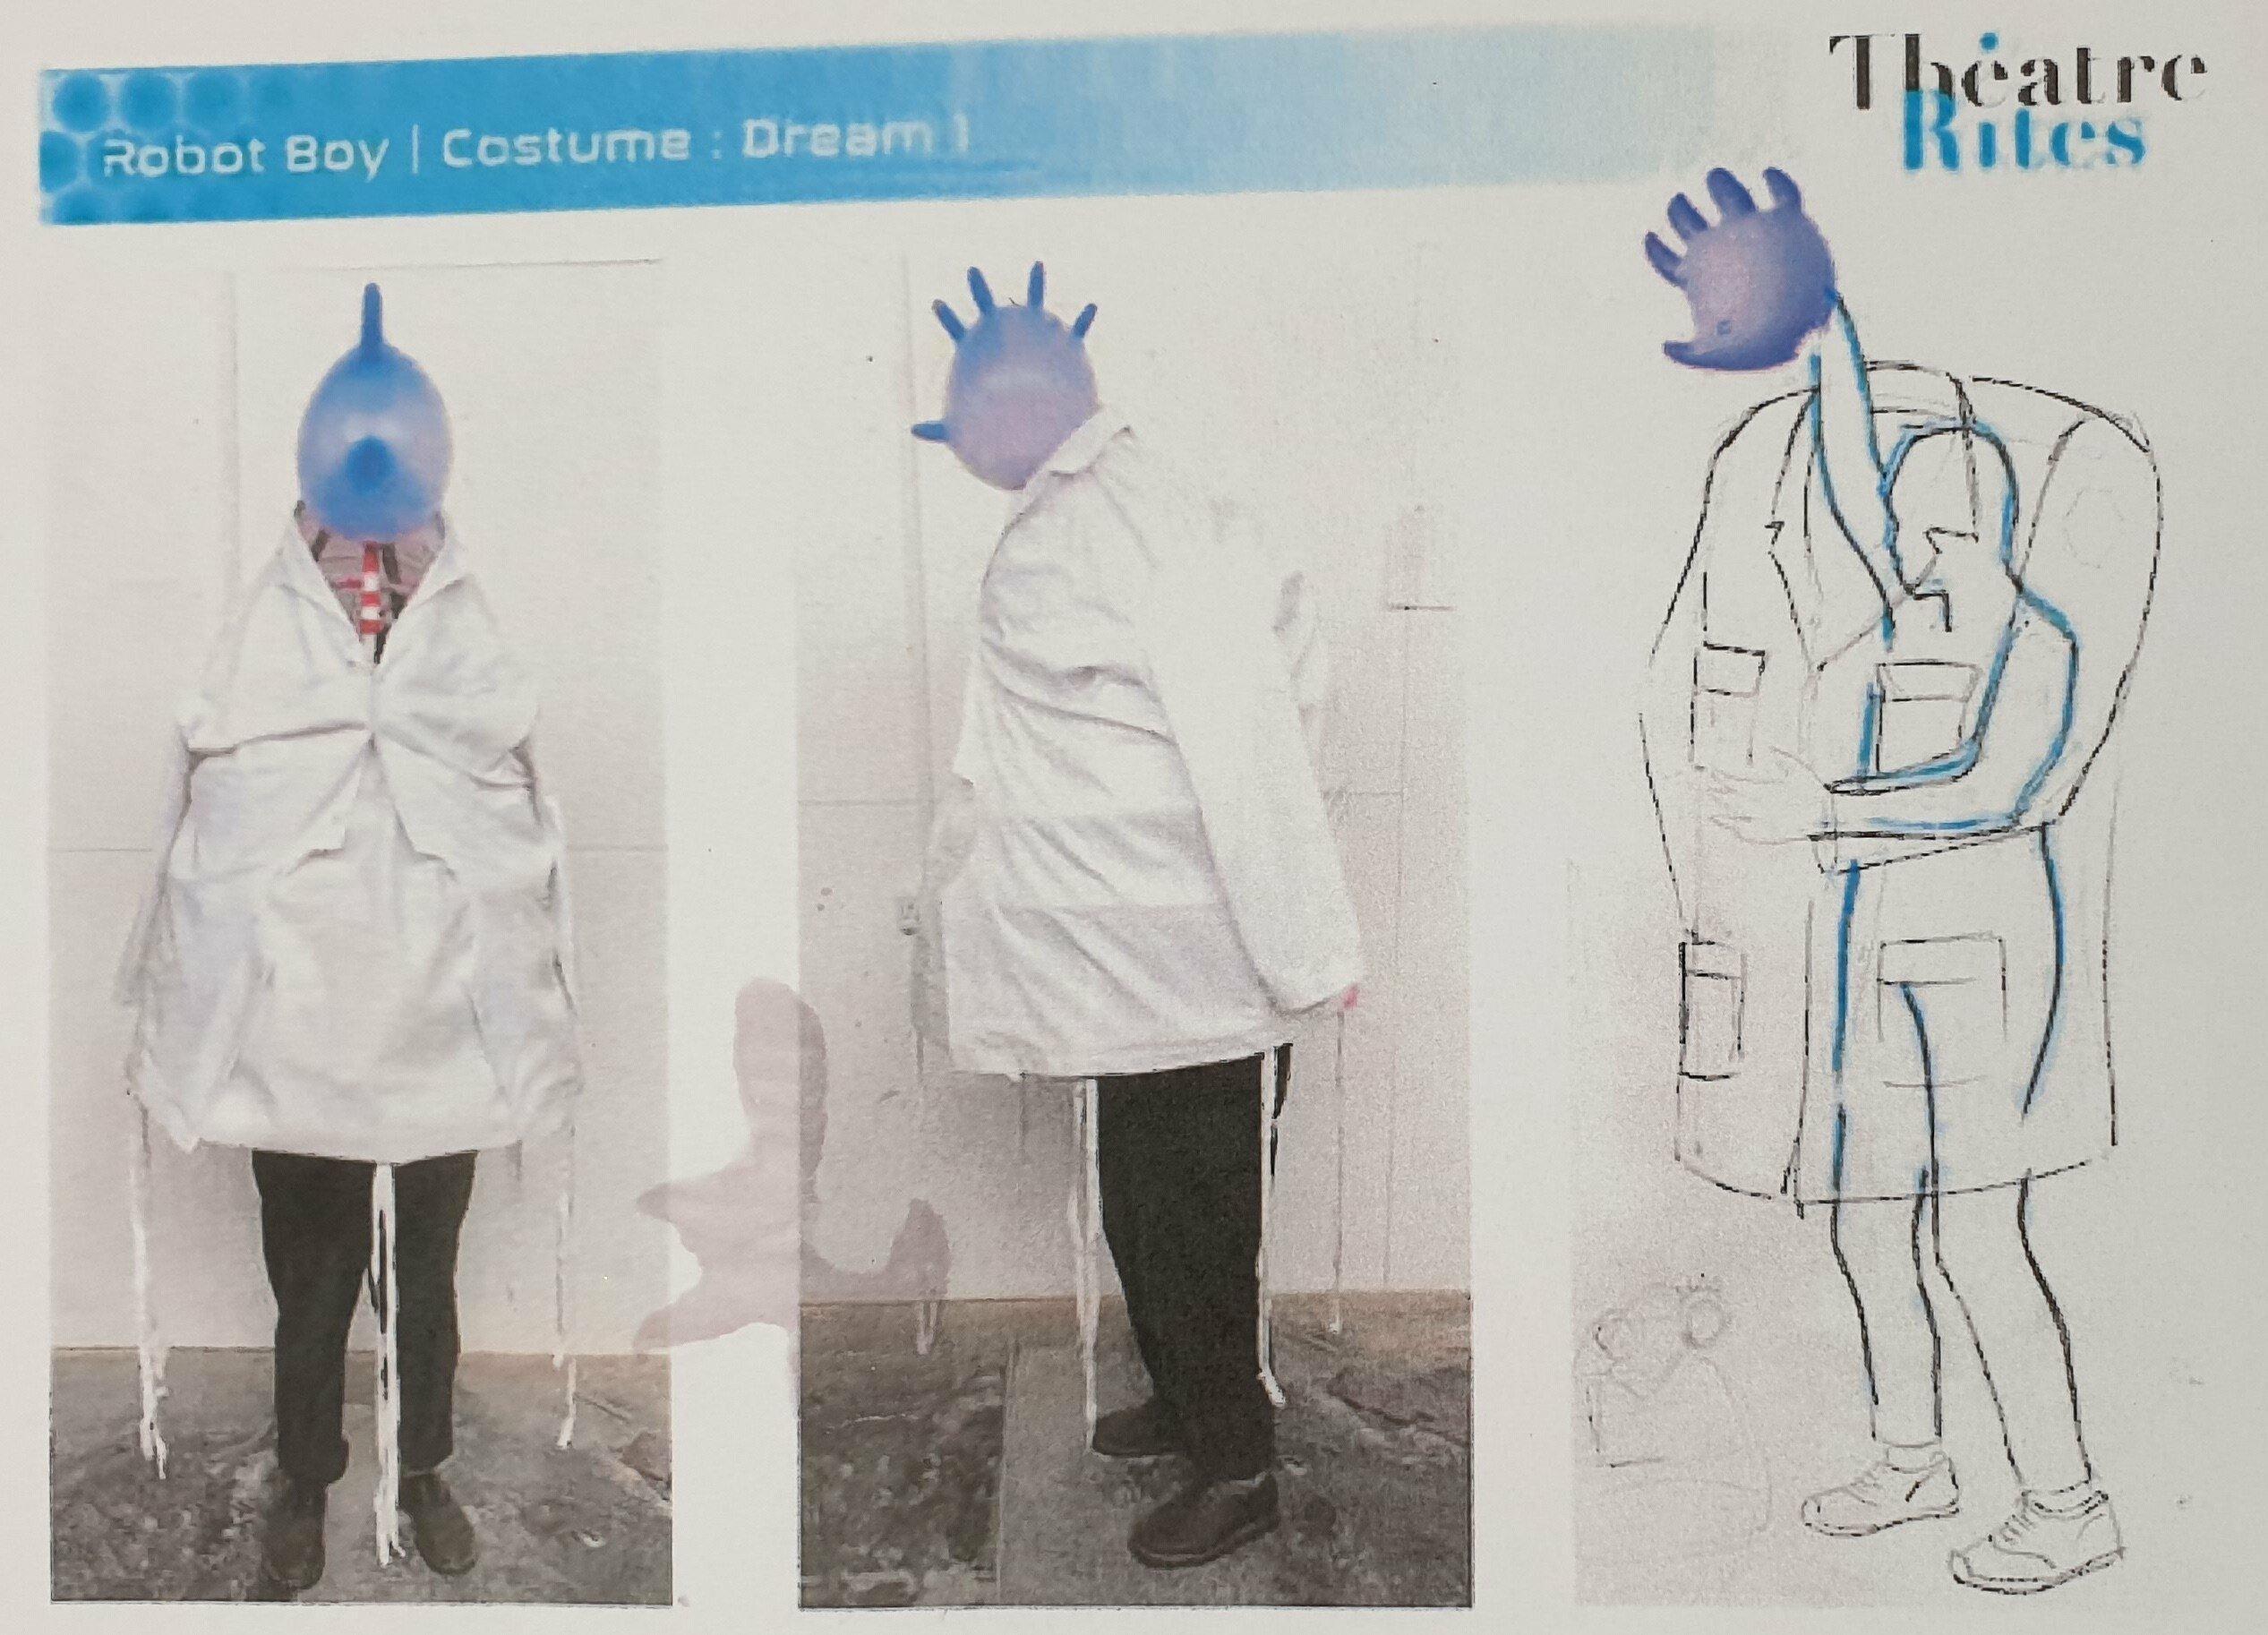 Links sieht man ein Foto von dem Kostüm. Rechts in der Zeichnung kann man erkennen, dass unter dem weißen Kittel des Kostüms jemand die Hand hoch strecken muss, um ganz weit oben den aufgeblasenen Labor-Handschuh zu halten. Wie ein Kopf schaut er oben aus dem Kittel. Von dem Schauspieler sieht man nichts mehr.